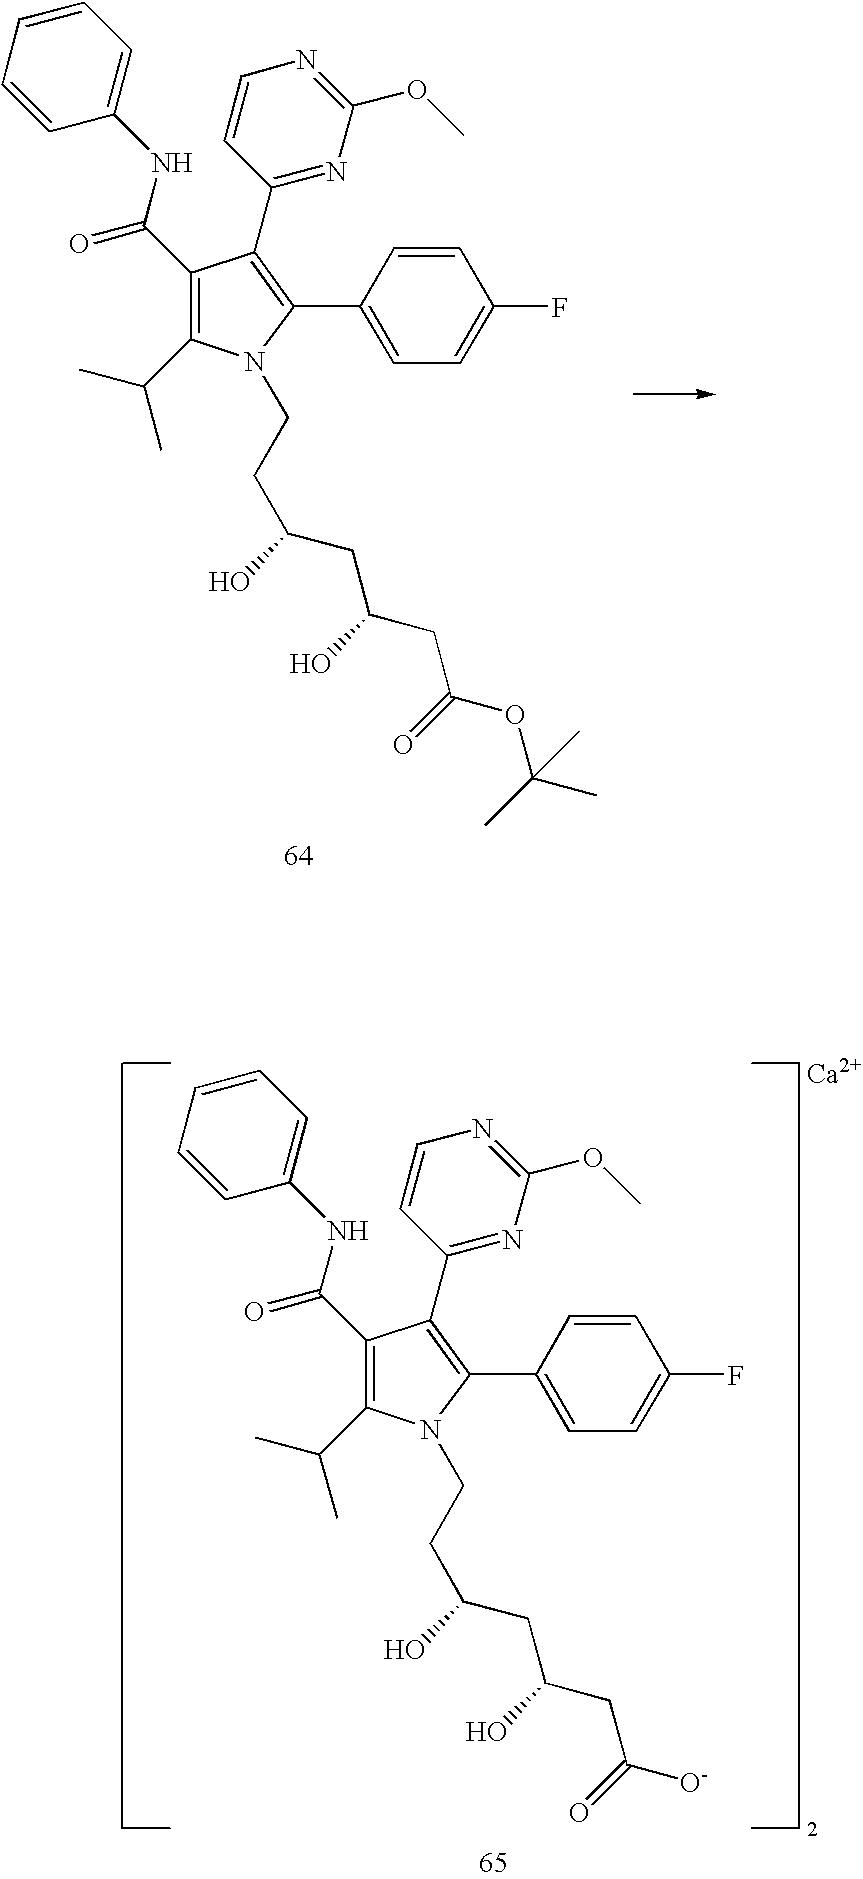 Figure US20050261354A1-20051124-C00189